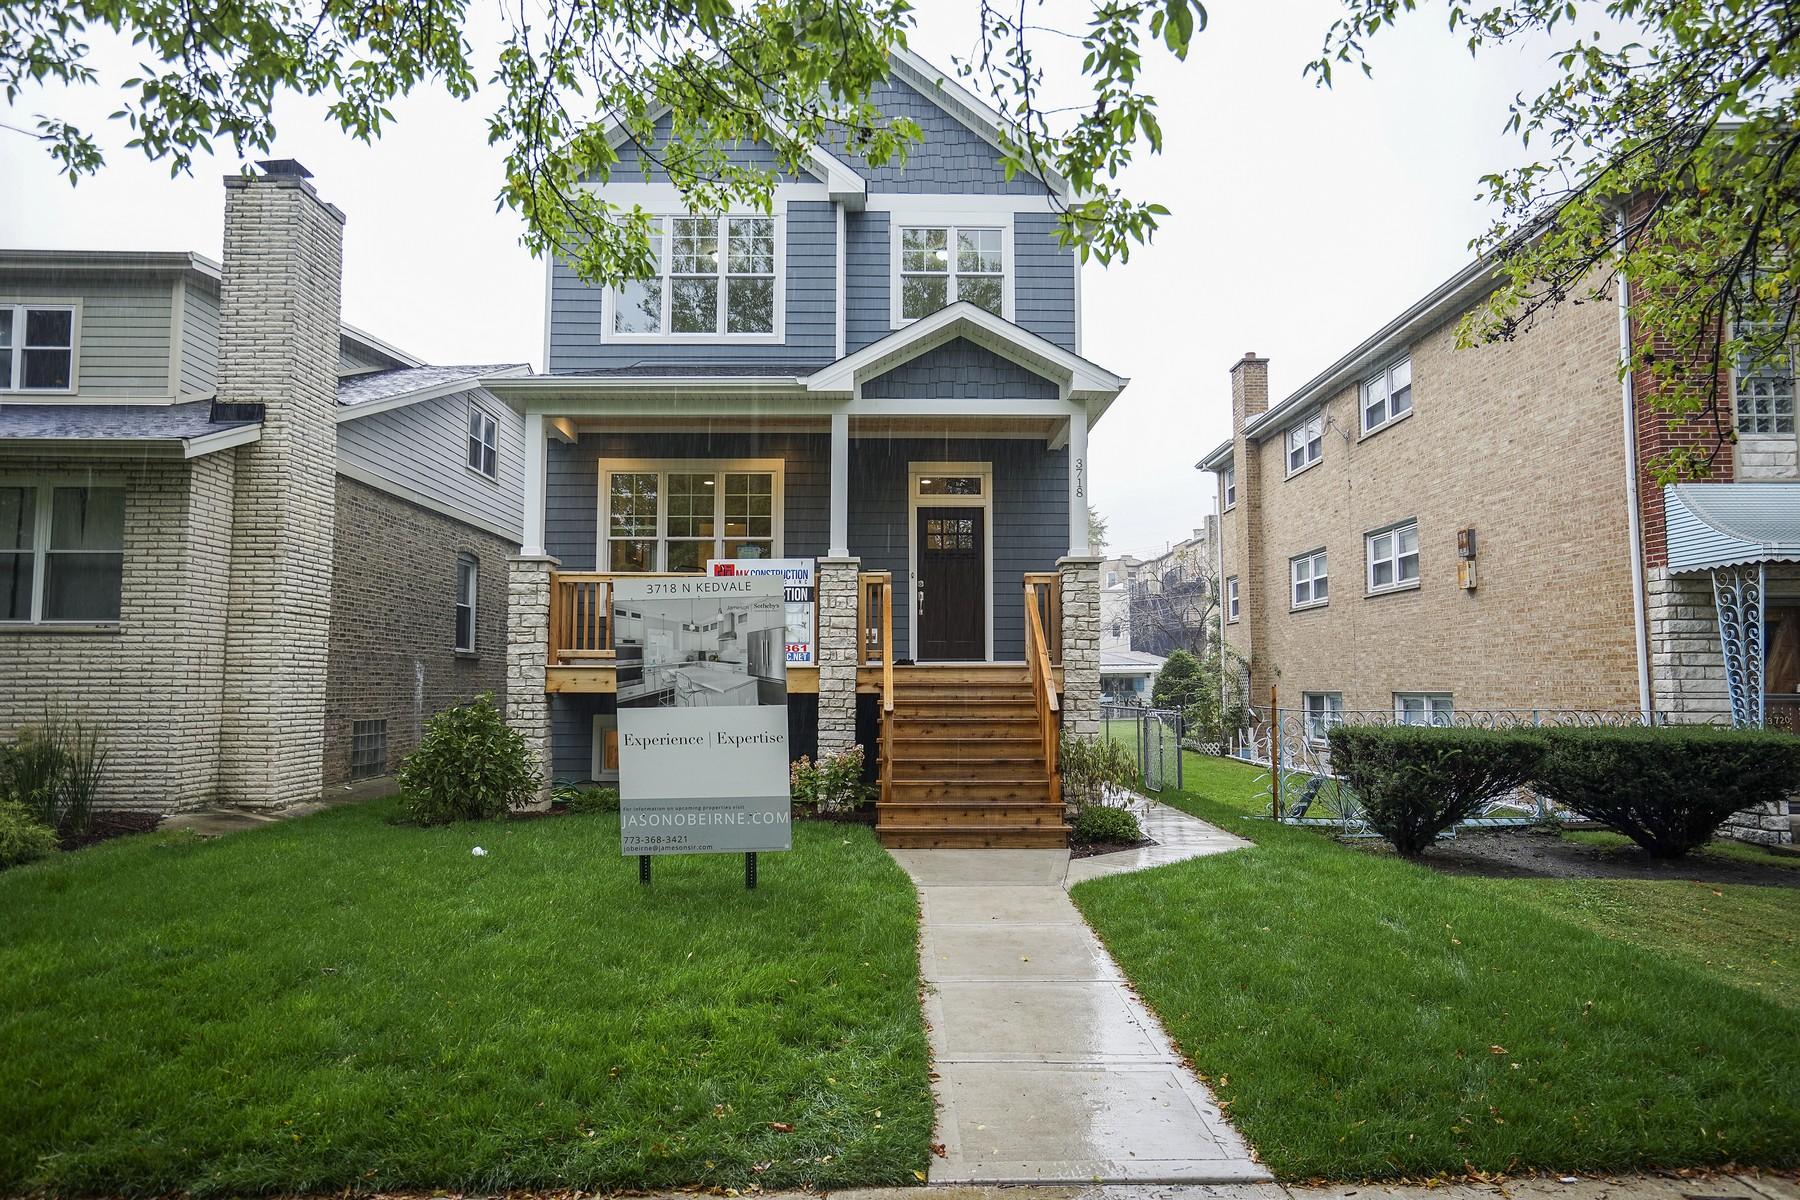 Maison unifamiliale pour l Vente à Pre-Construction Opportunity 3718 N Kedvale Avenue Irving Park, Chicago, Illinois, 60641 États-Unis